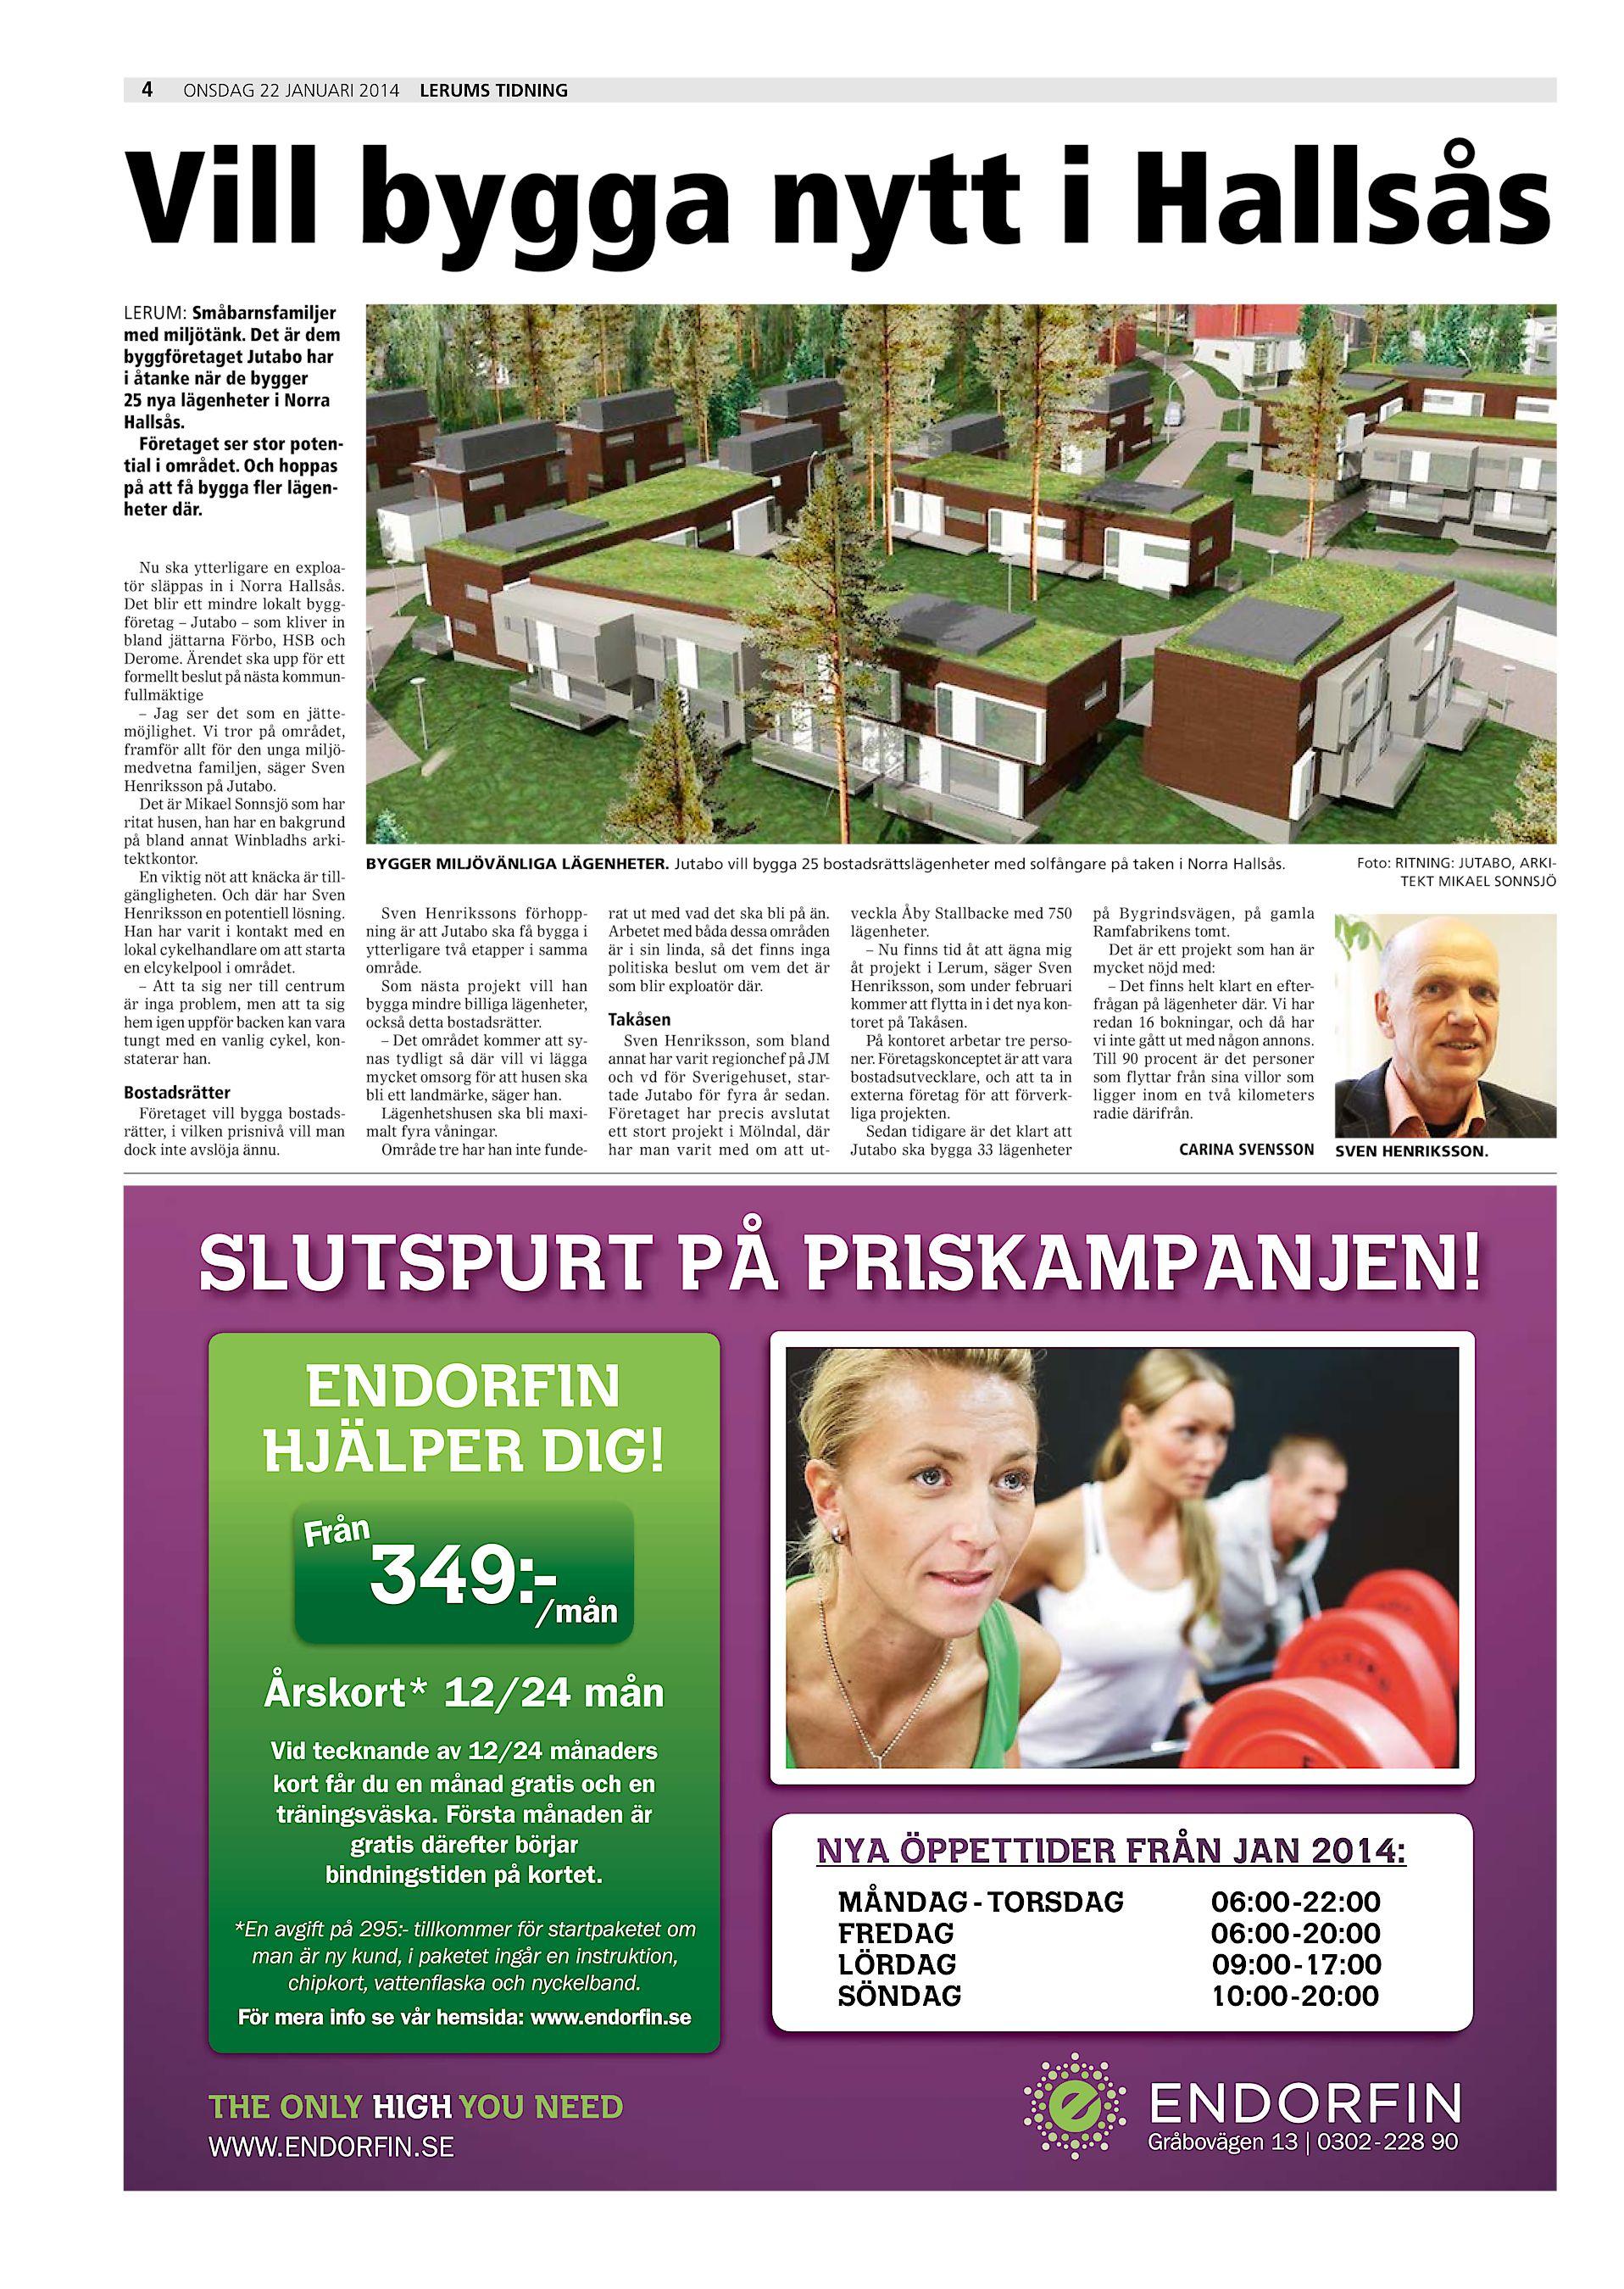 Det är dem byggföretaget Jutabo har i åtanke när de bygger 25 nya  lägenheter i Norra ... 71eaf74b8d4ca